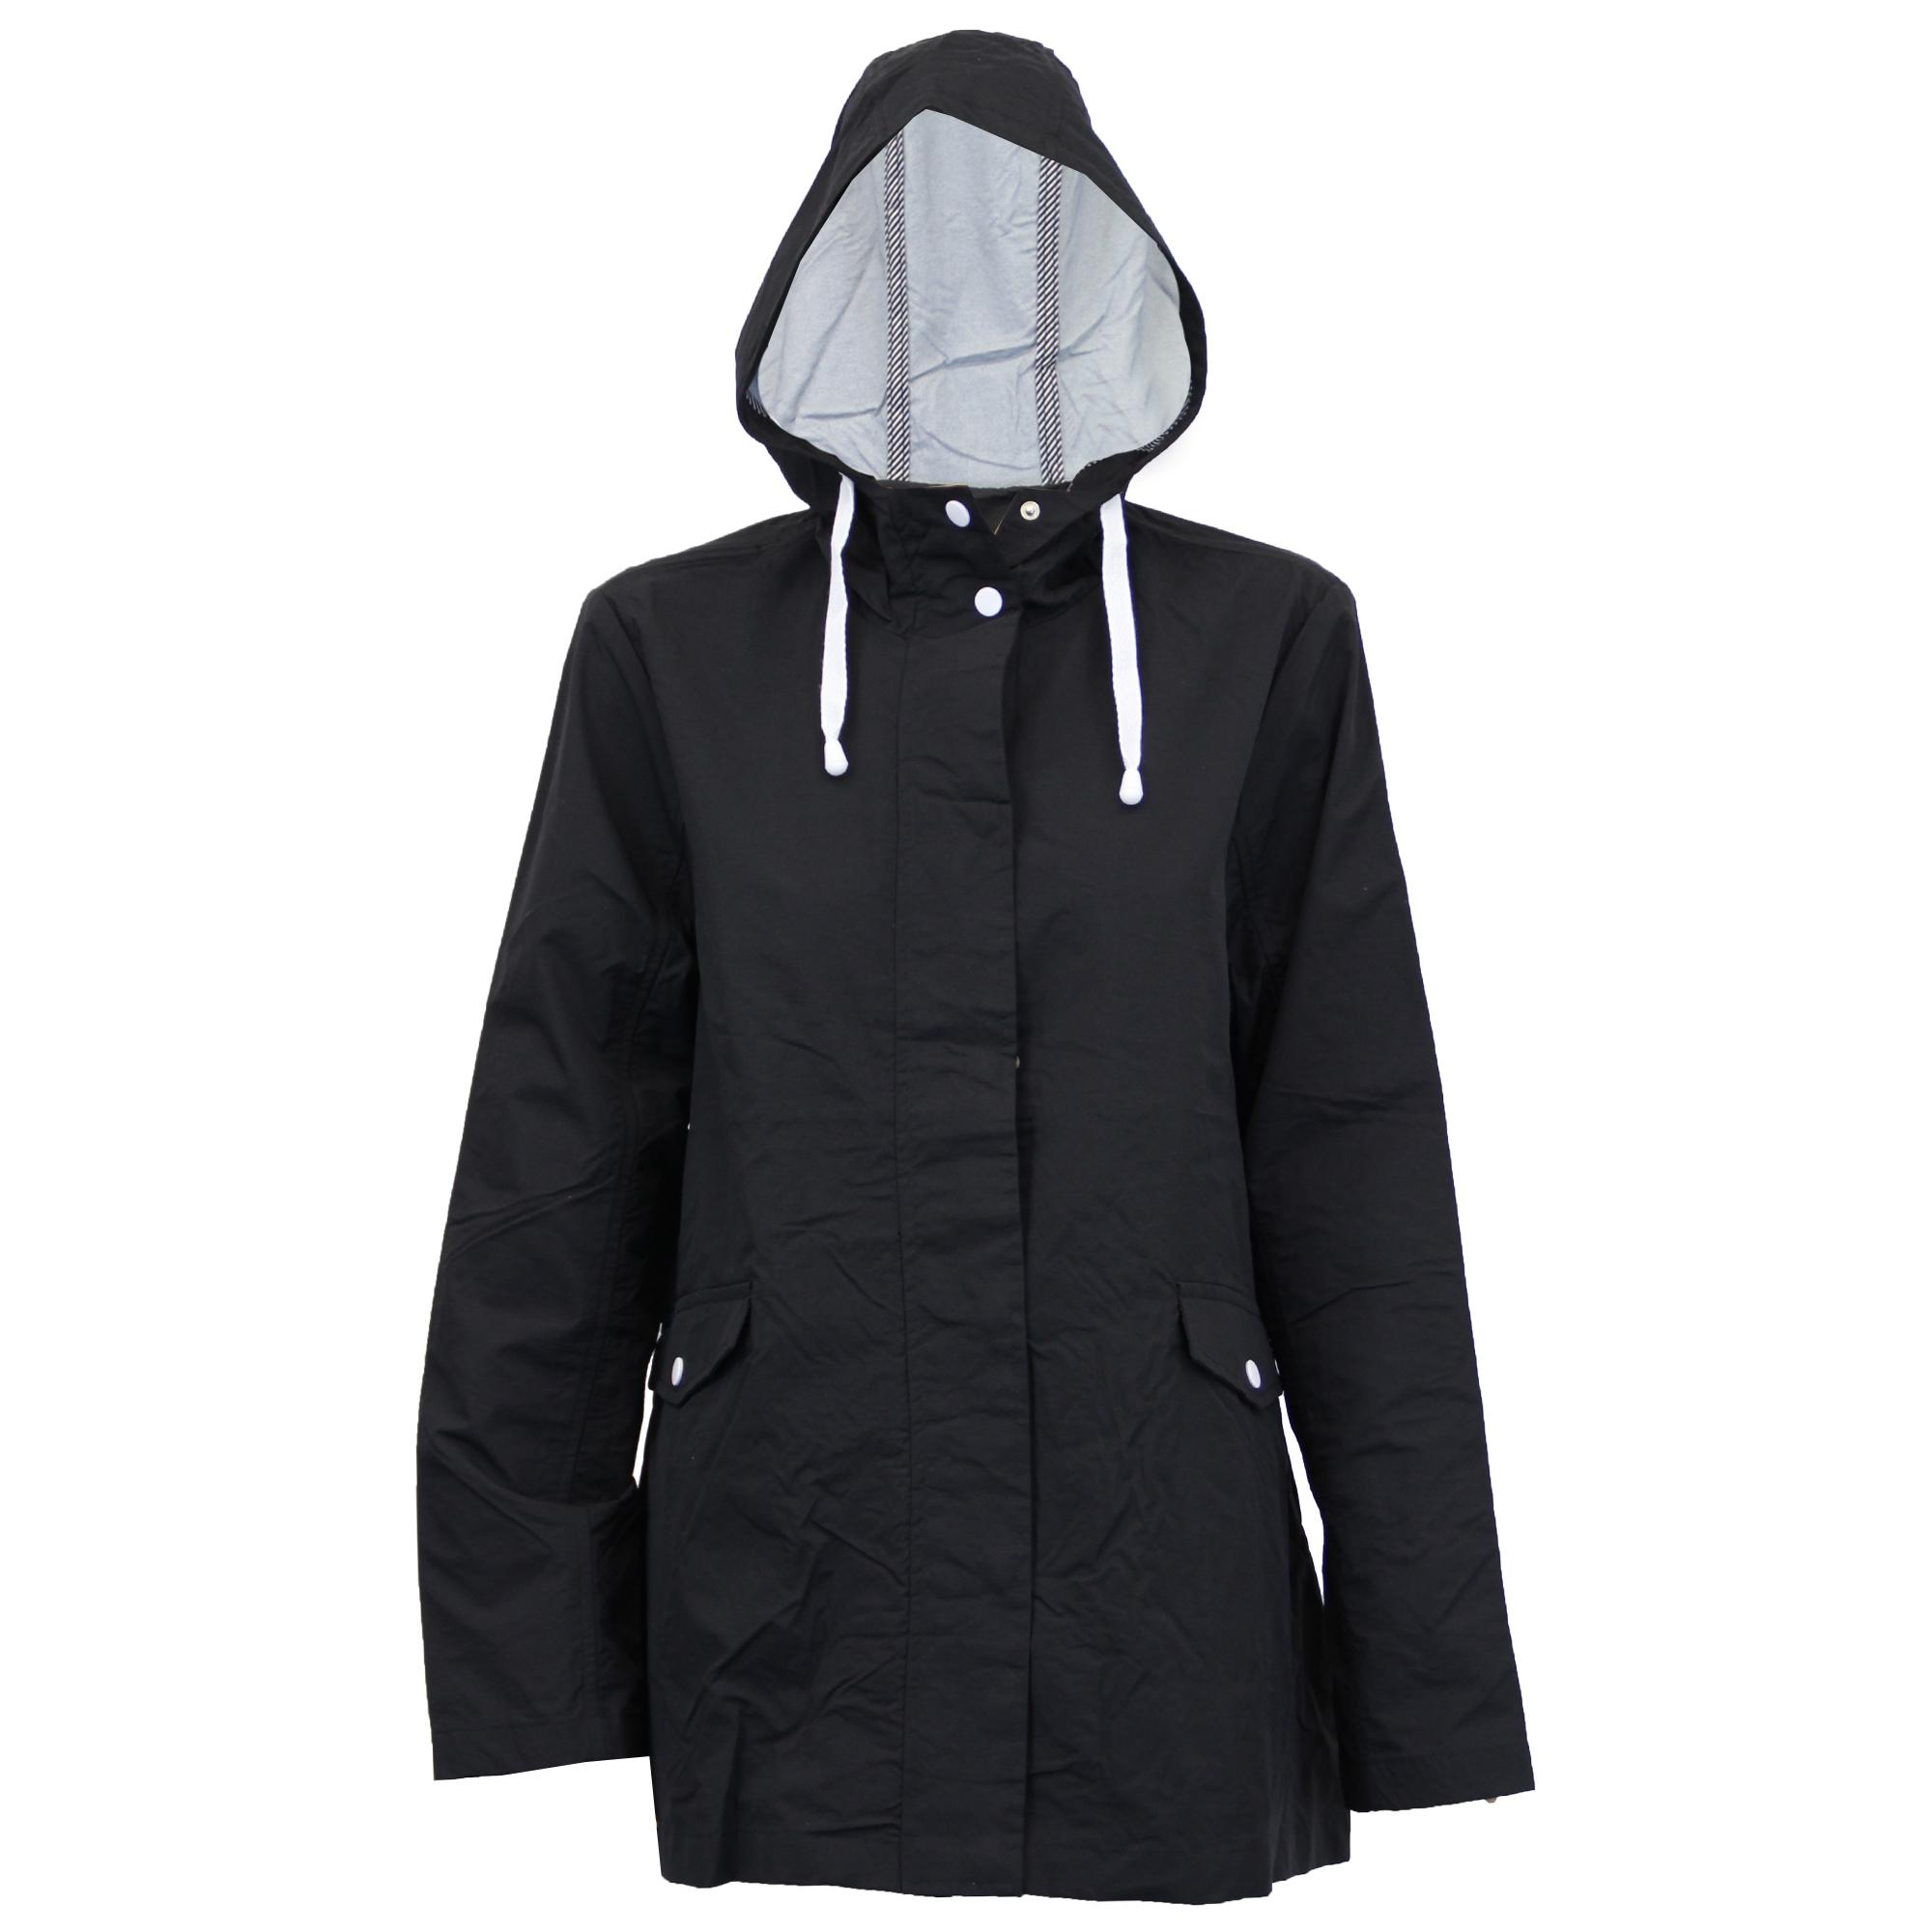 Brave soul lightweight hooded parka